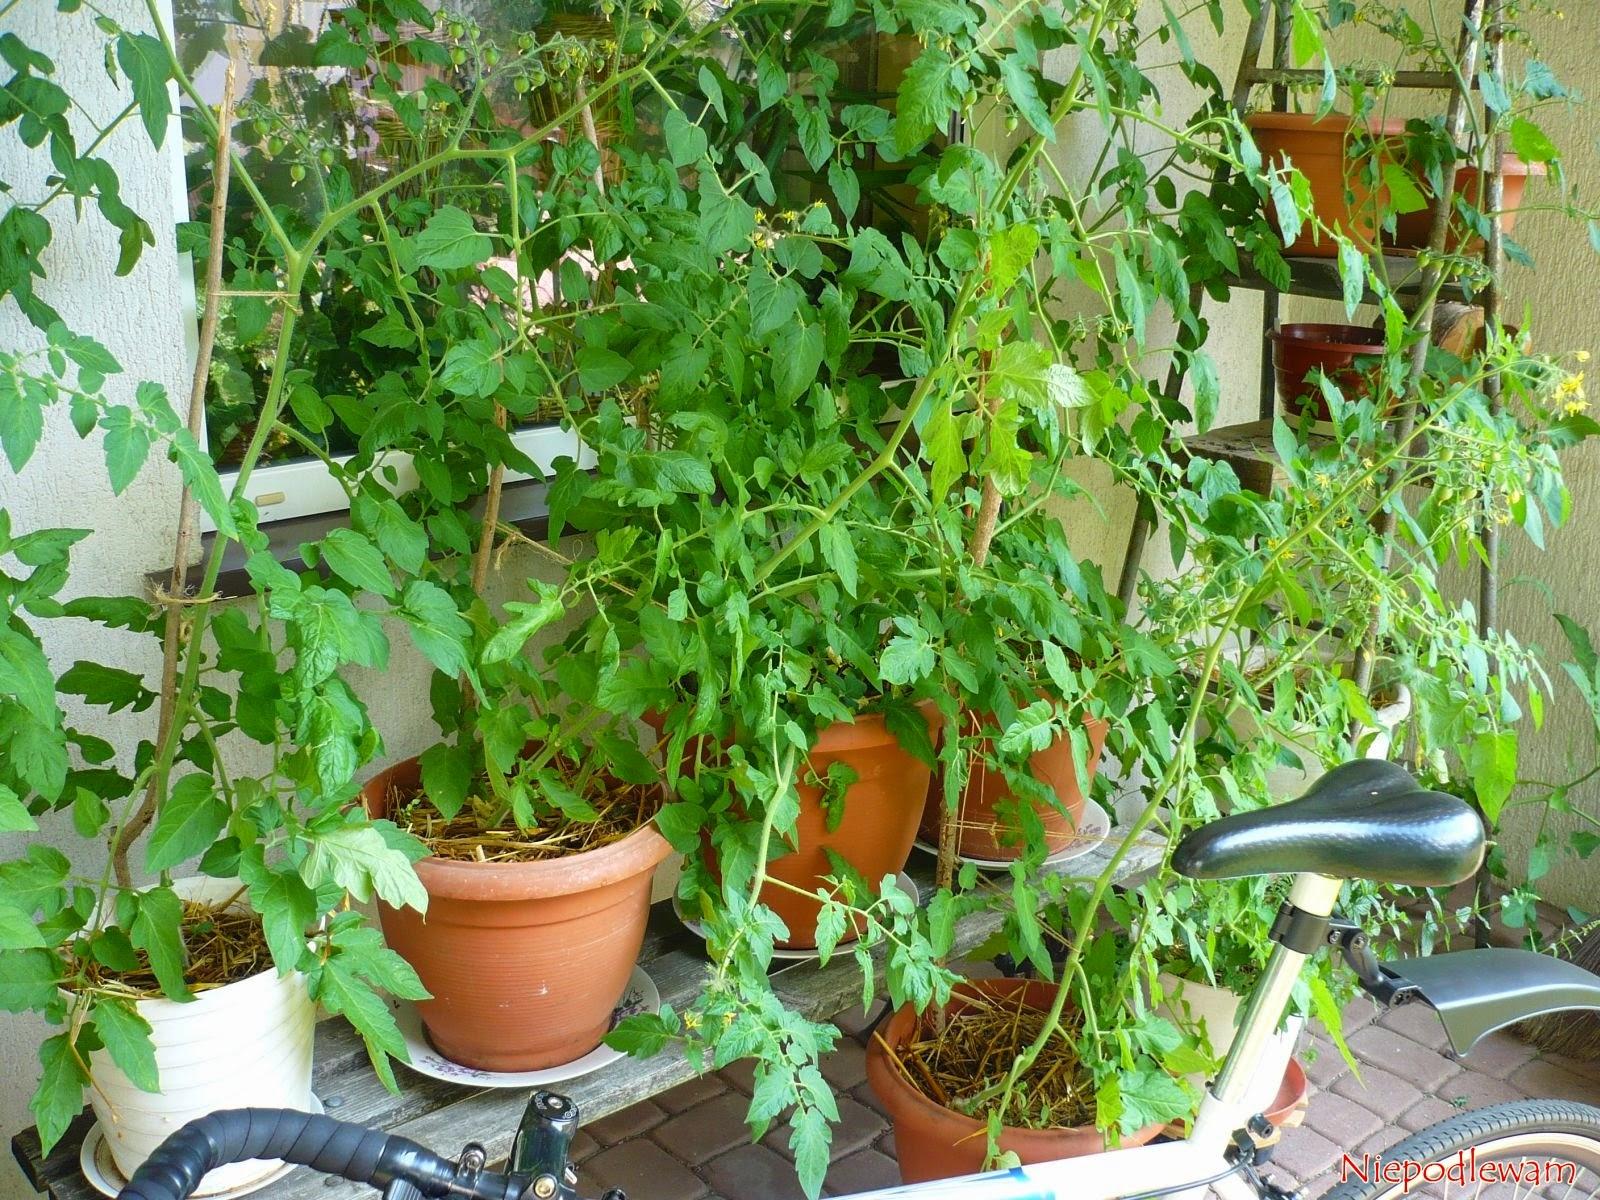 Niepodlewam Pomidory Na Balkonie Uprawa Krok Po Kroku